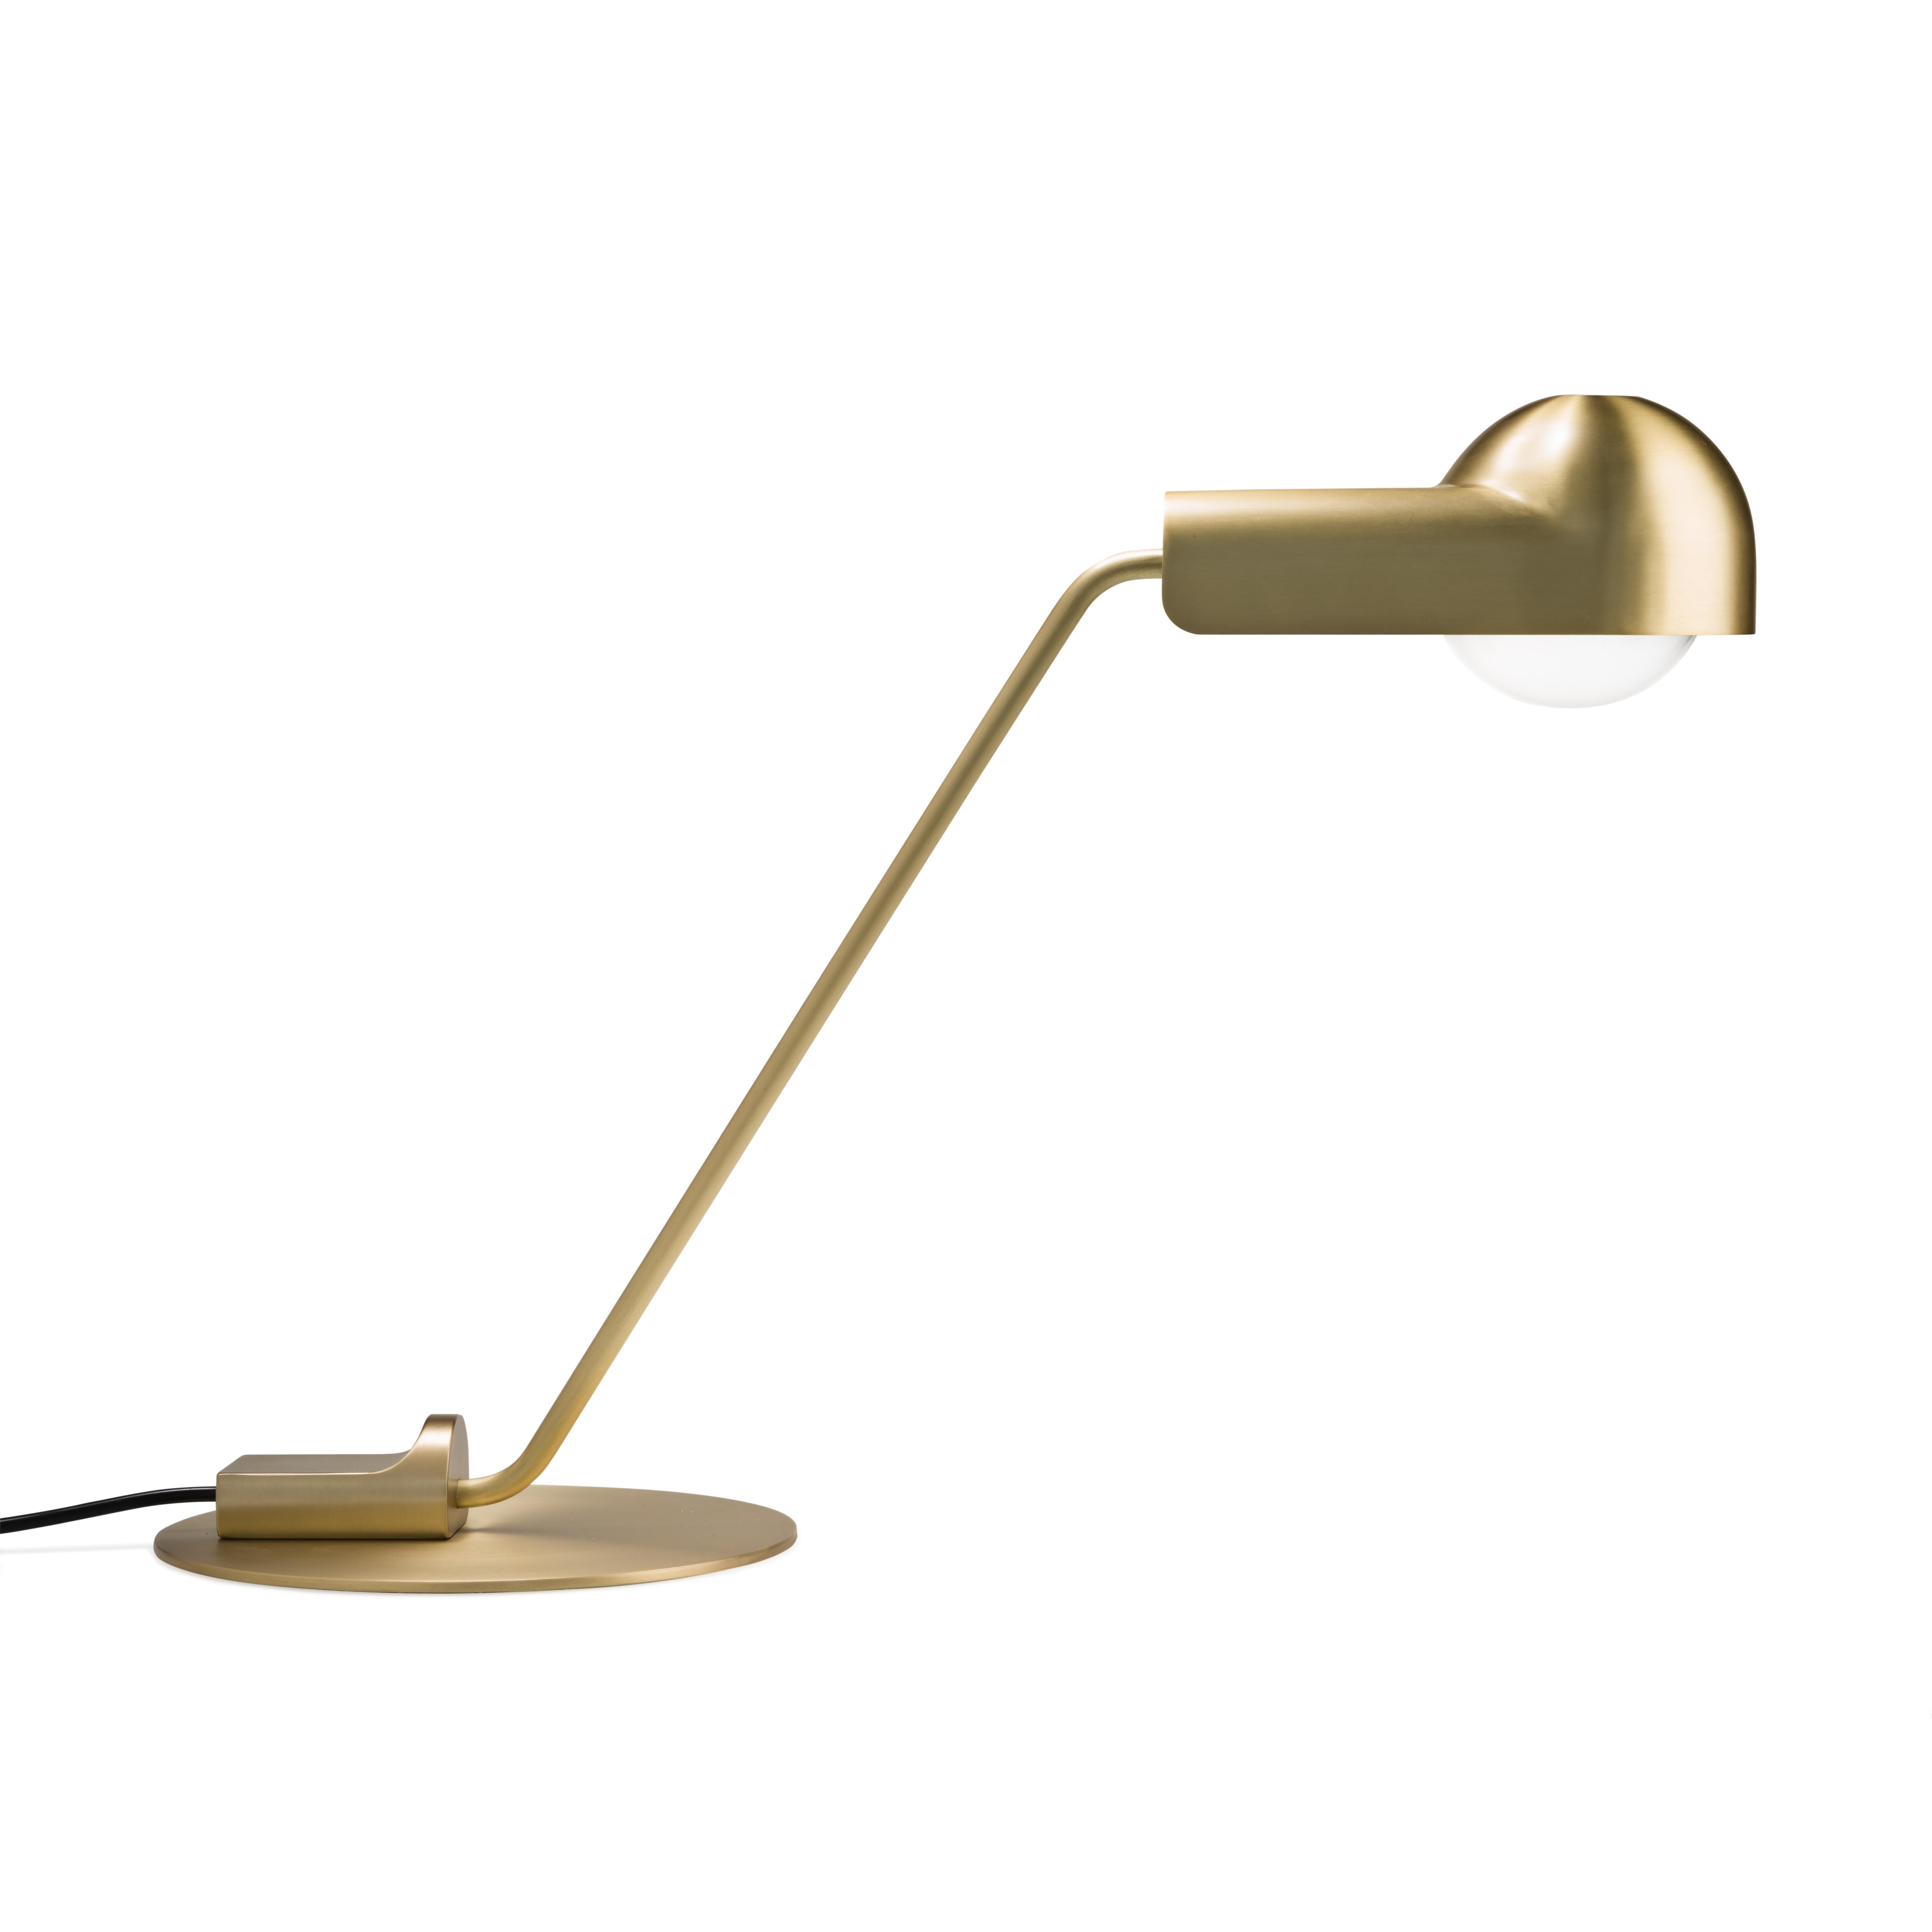 Karakter Domo Table lamp